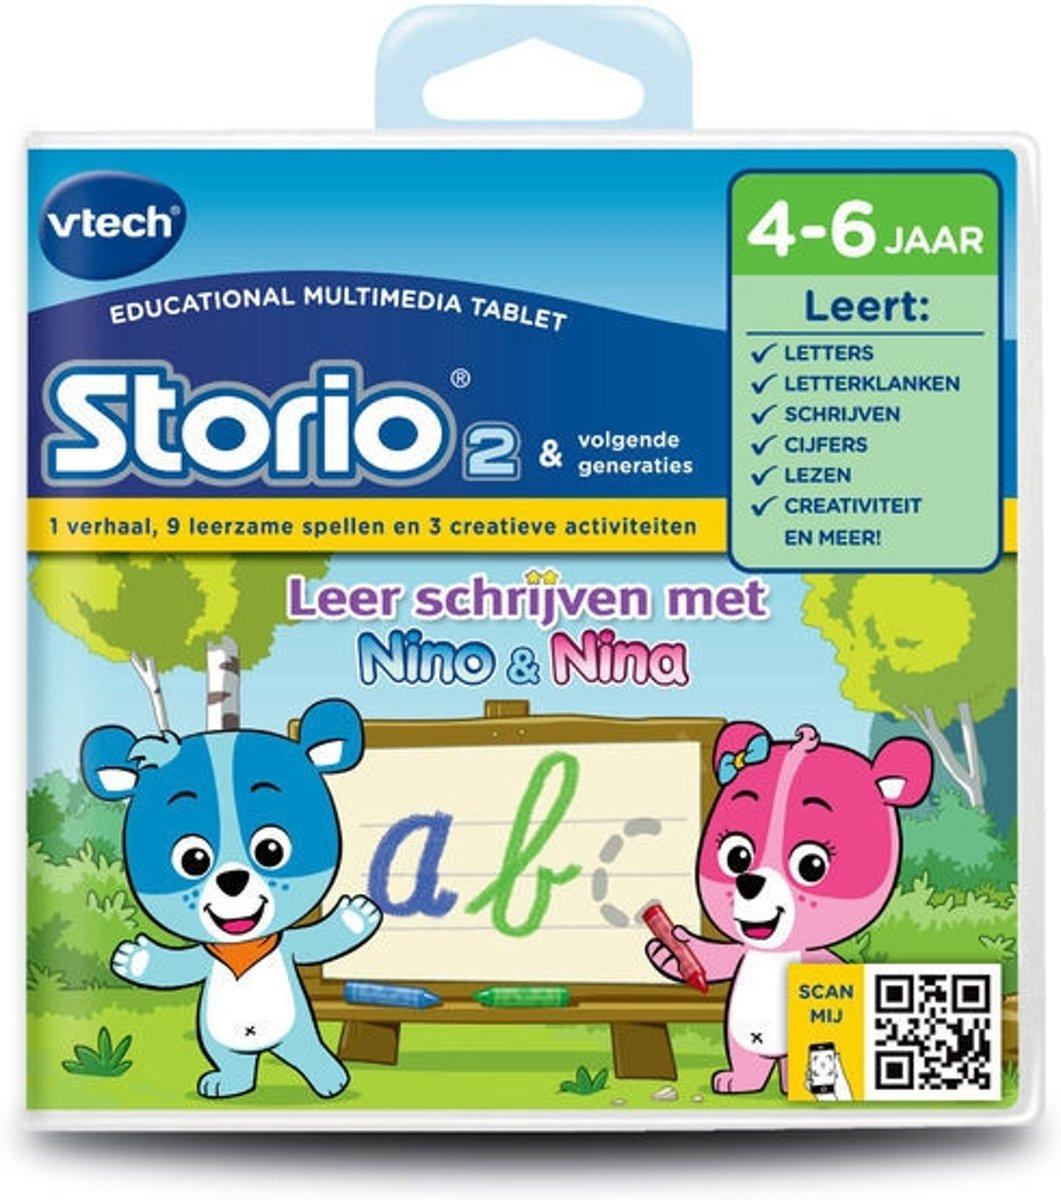 VTech Storio 2 Leer Schrijven - Nino & Nina - Game